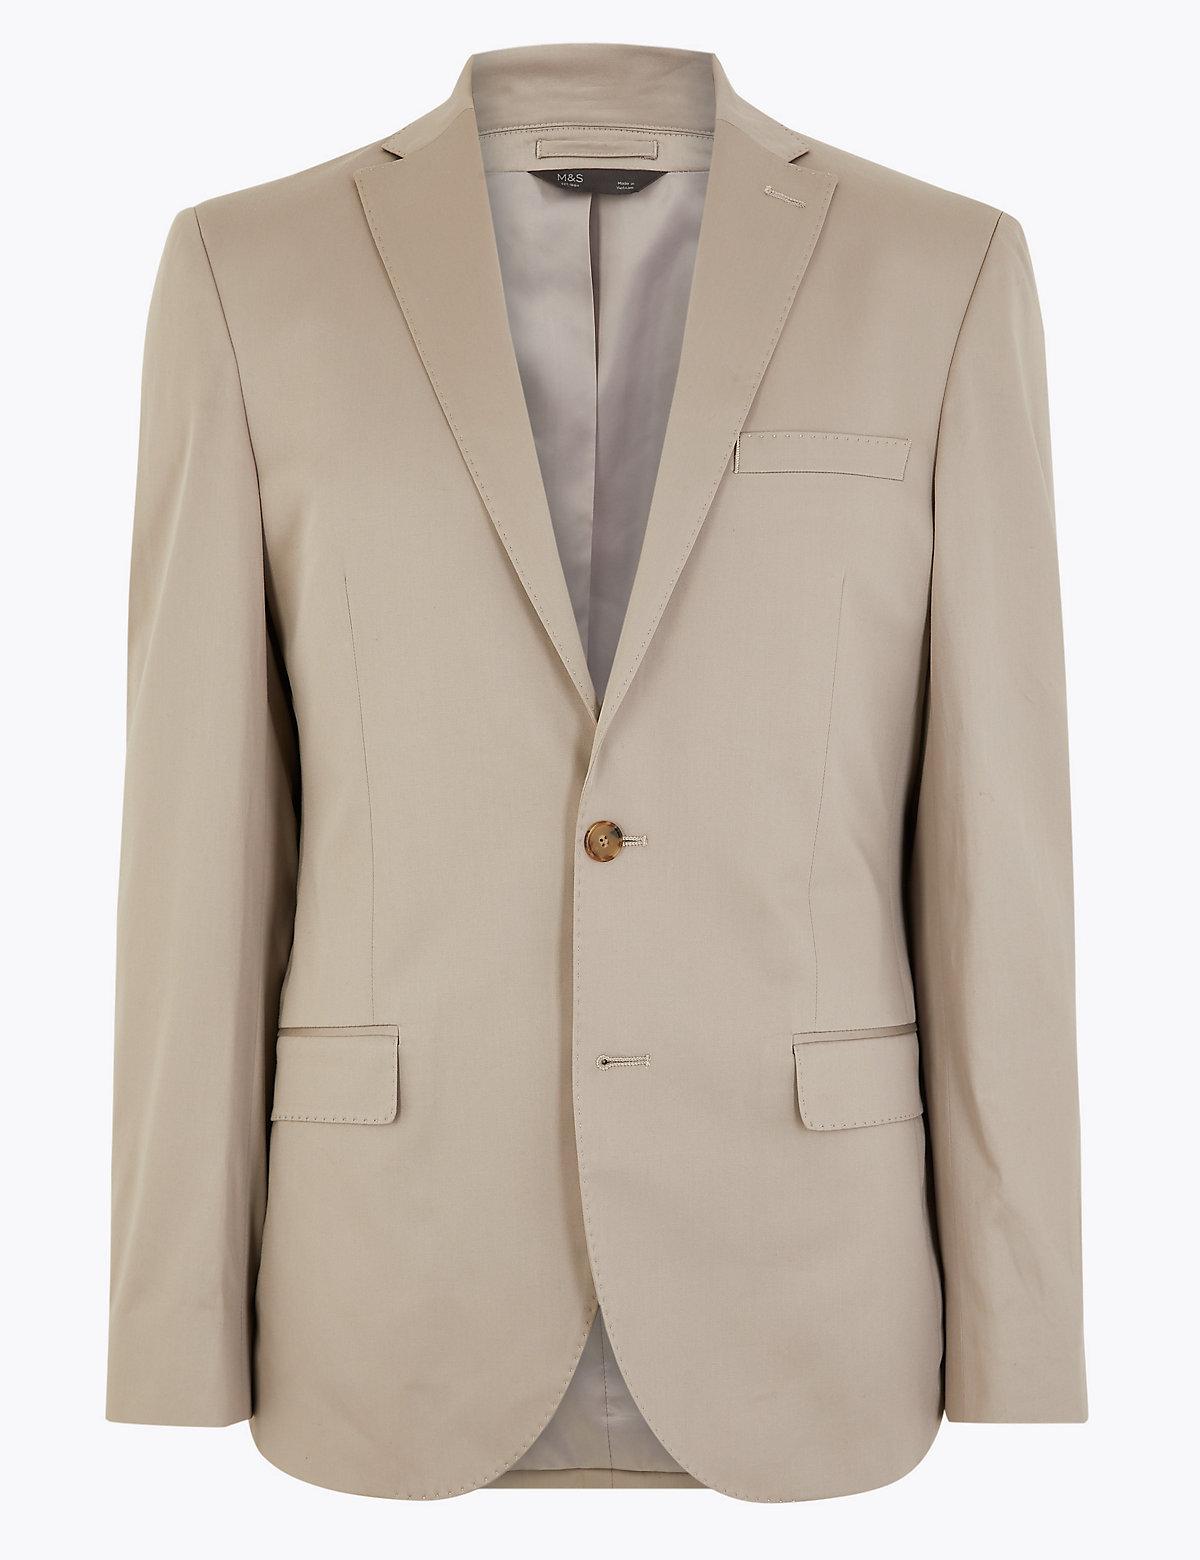 Пиджак классический однобортный на 2 пуговицы с добавлением эластичного волокна